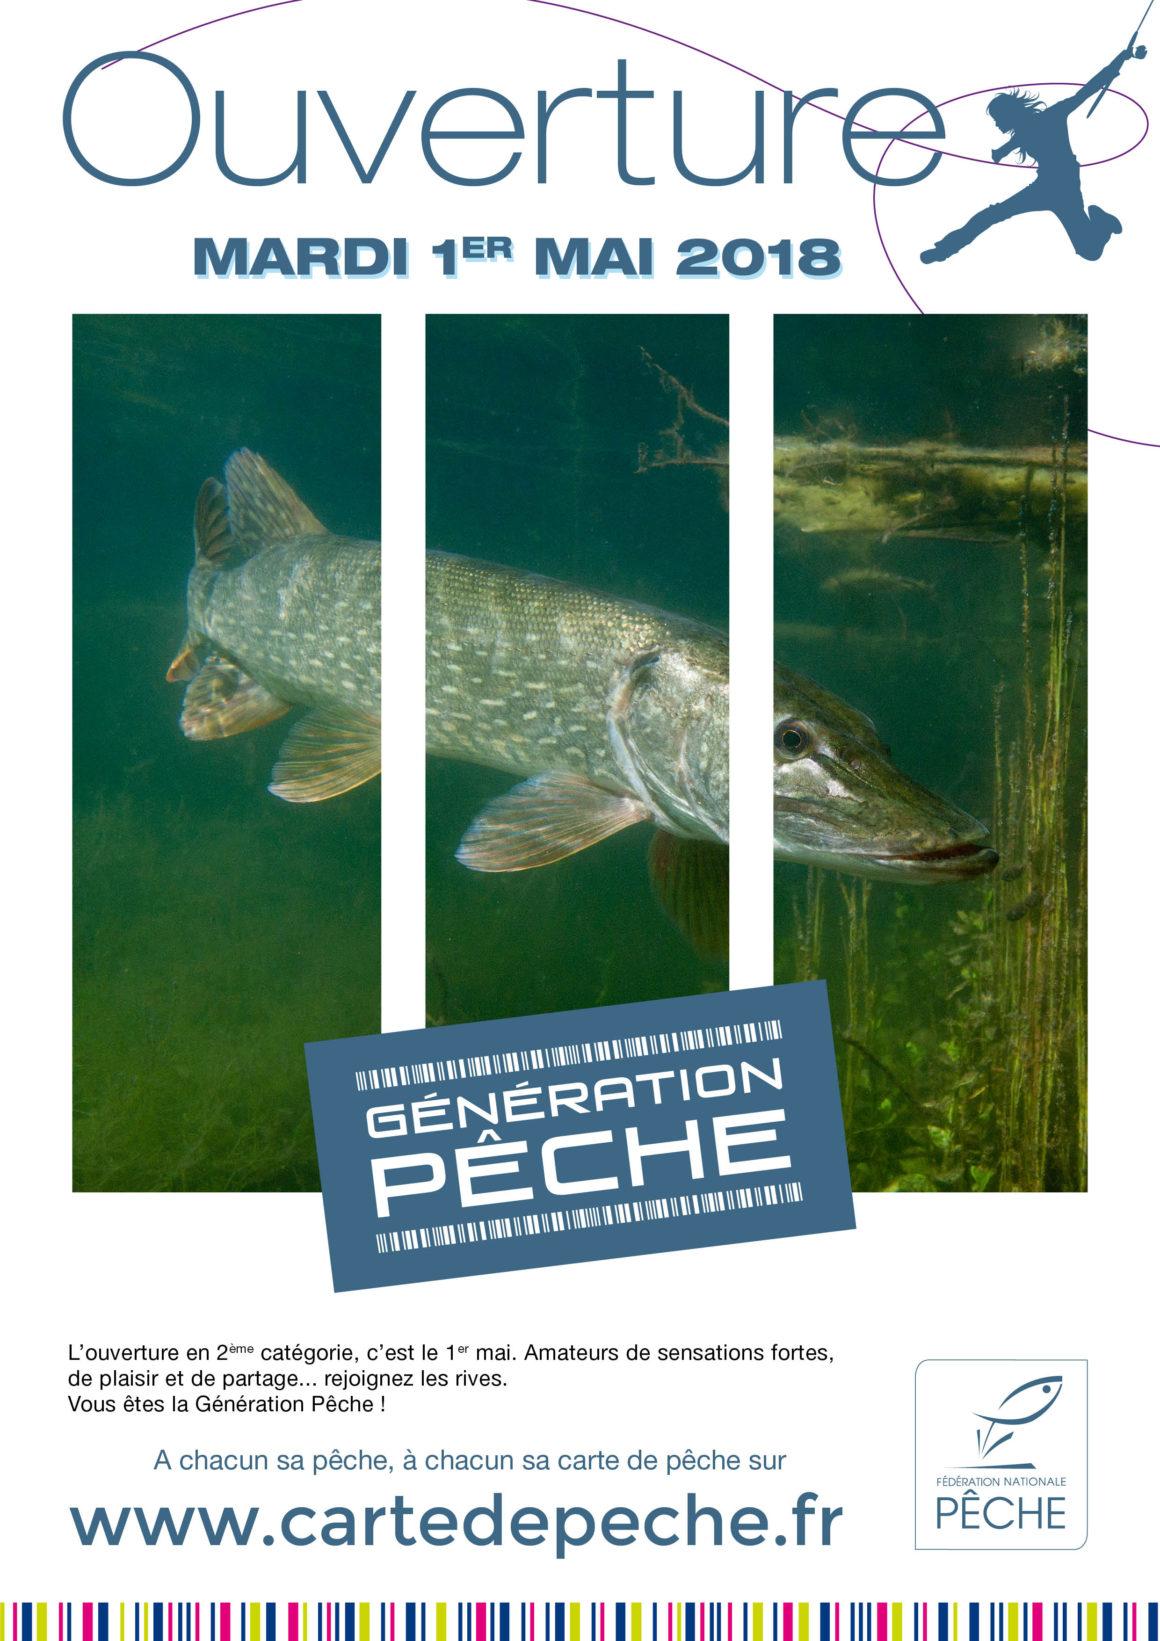 Mardi 1er mai : ouverture de la pêche des carnassiers en 2ème catégorie